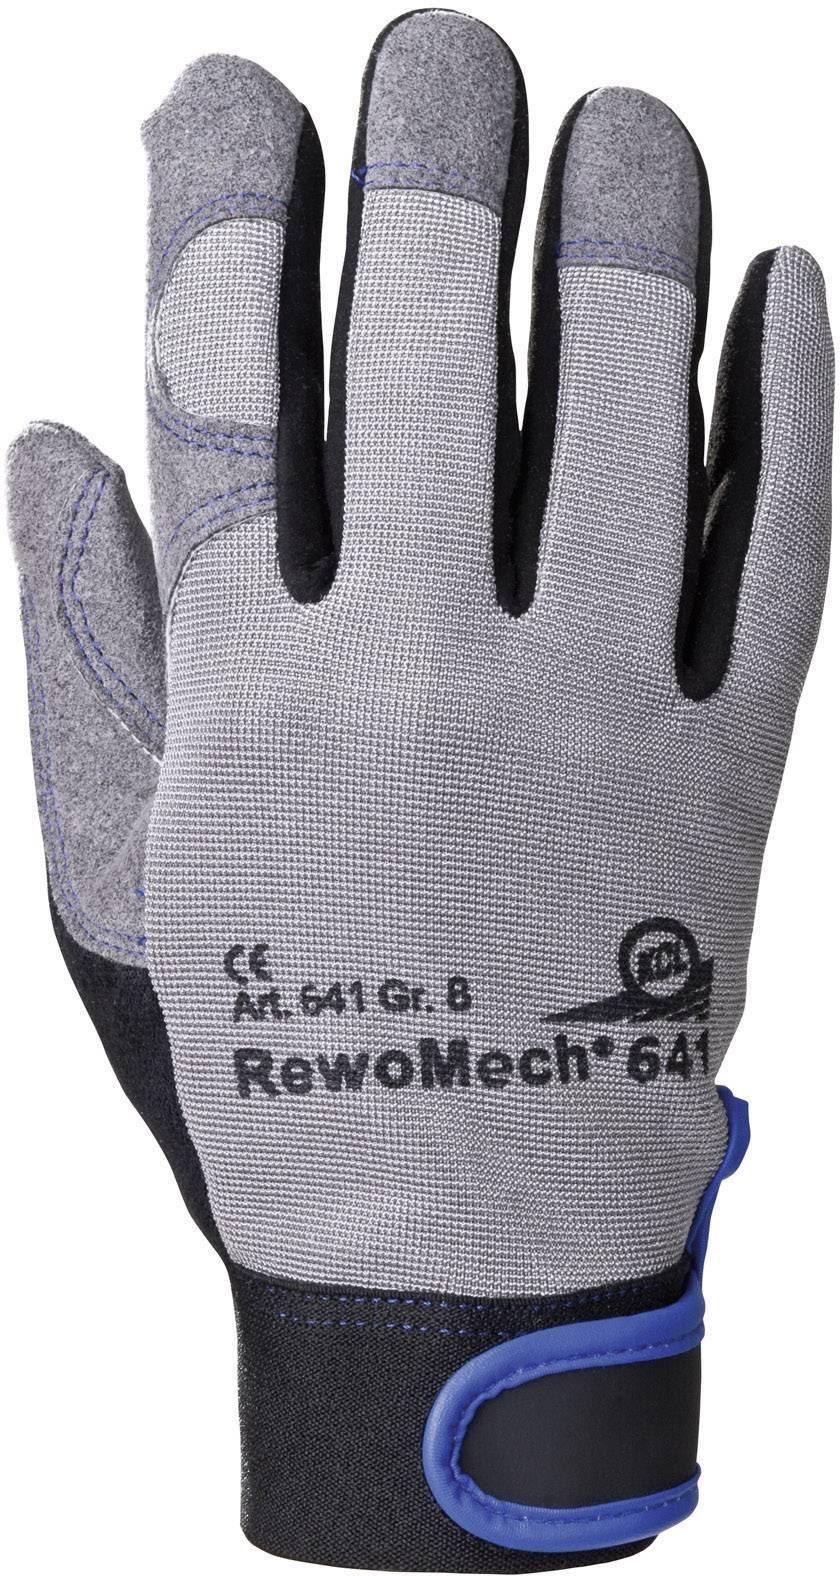 Pracovní rukavice KCL RewoMech 641 641, velikost rukavic: 10, XL